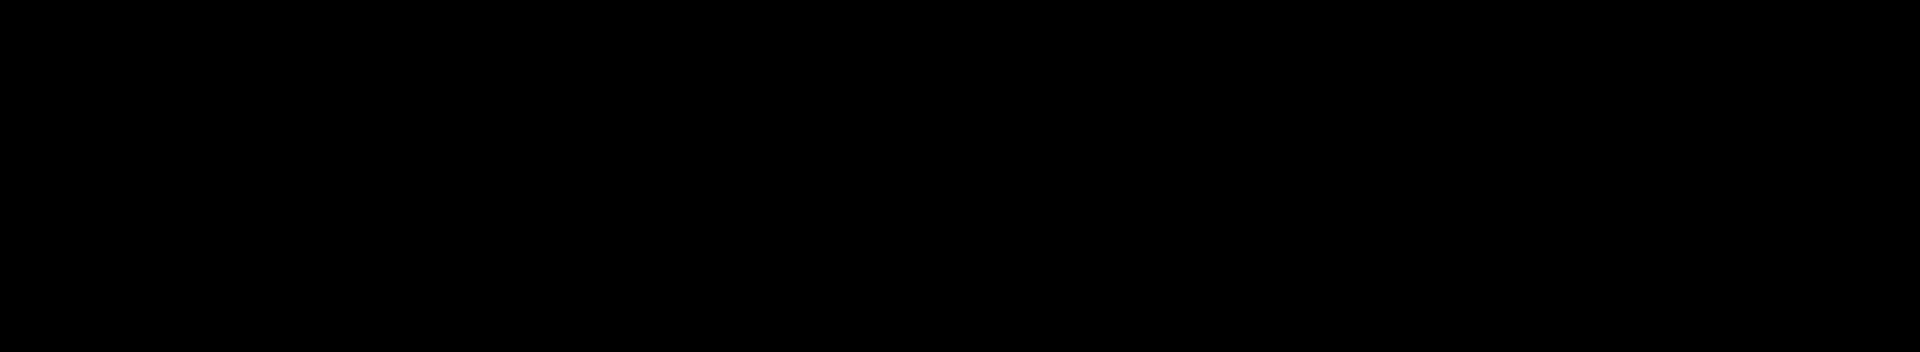 sichtbar_art_black_transparent_1920px.png